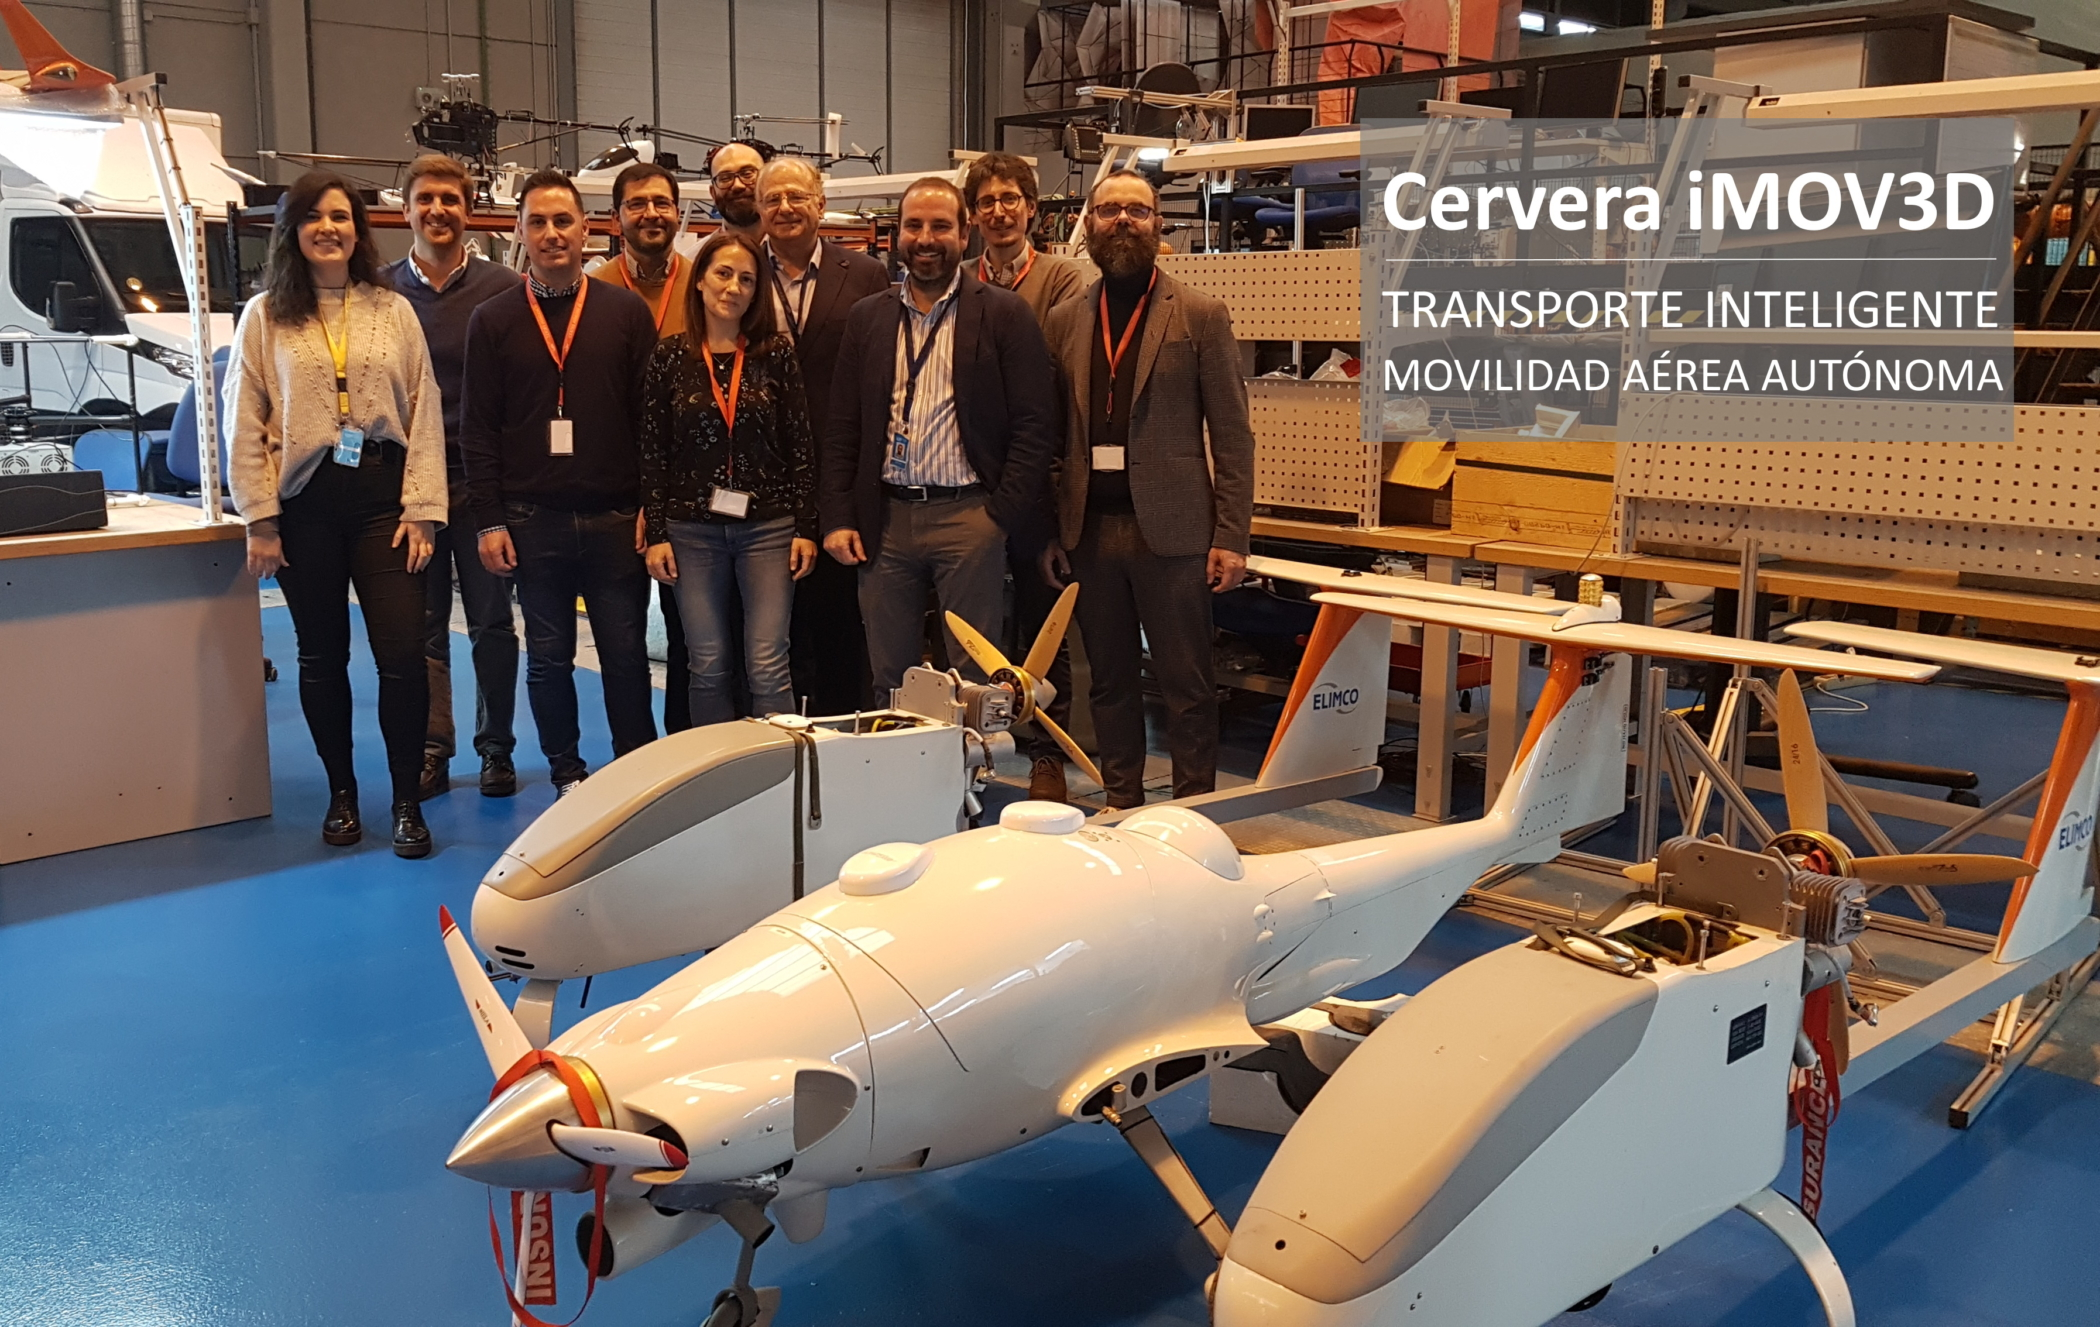 Cervera iMOV3D – Nuevas Tecnologías para el Transporte Inteligente basado en Movilidad Aérea Autónoma